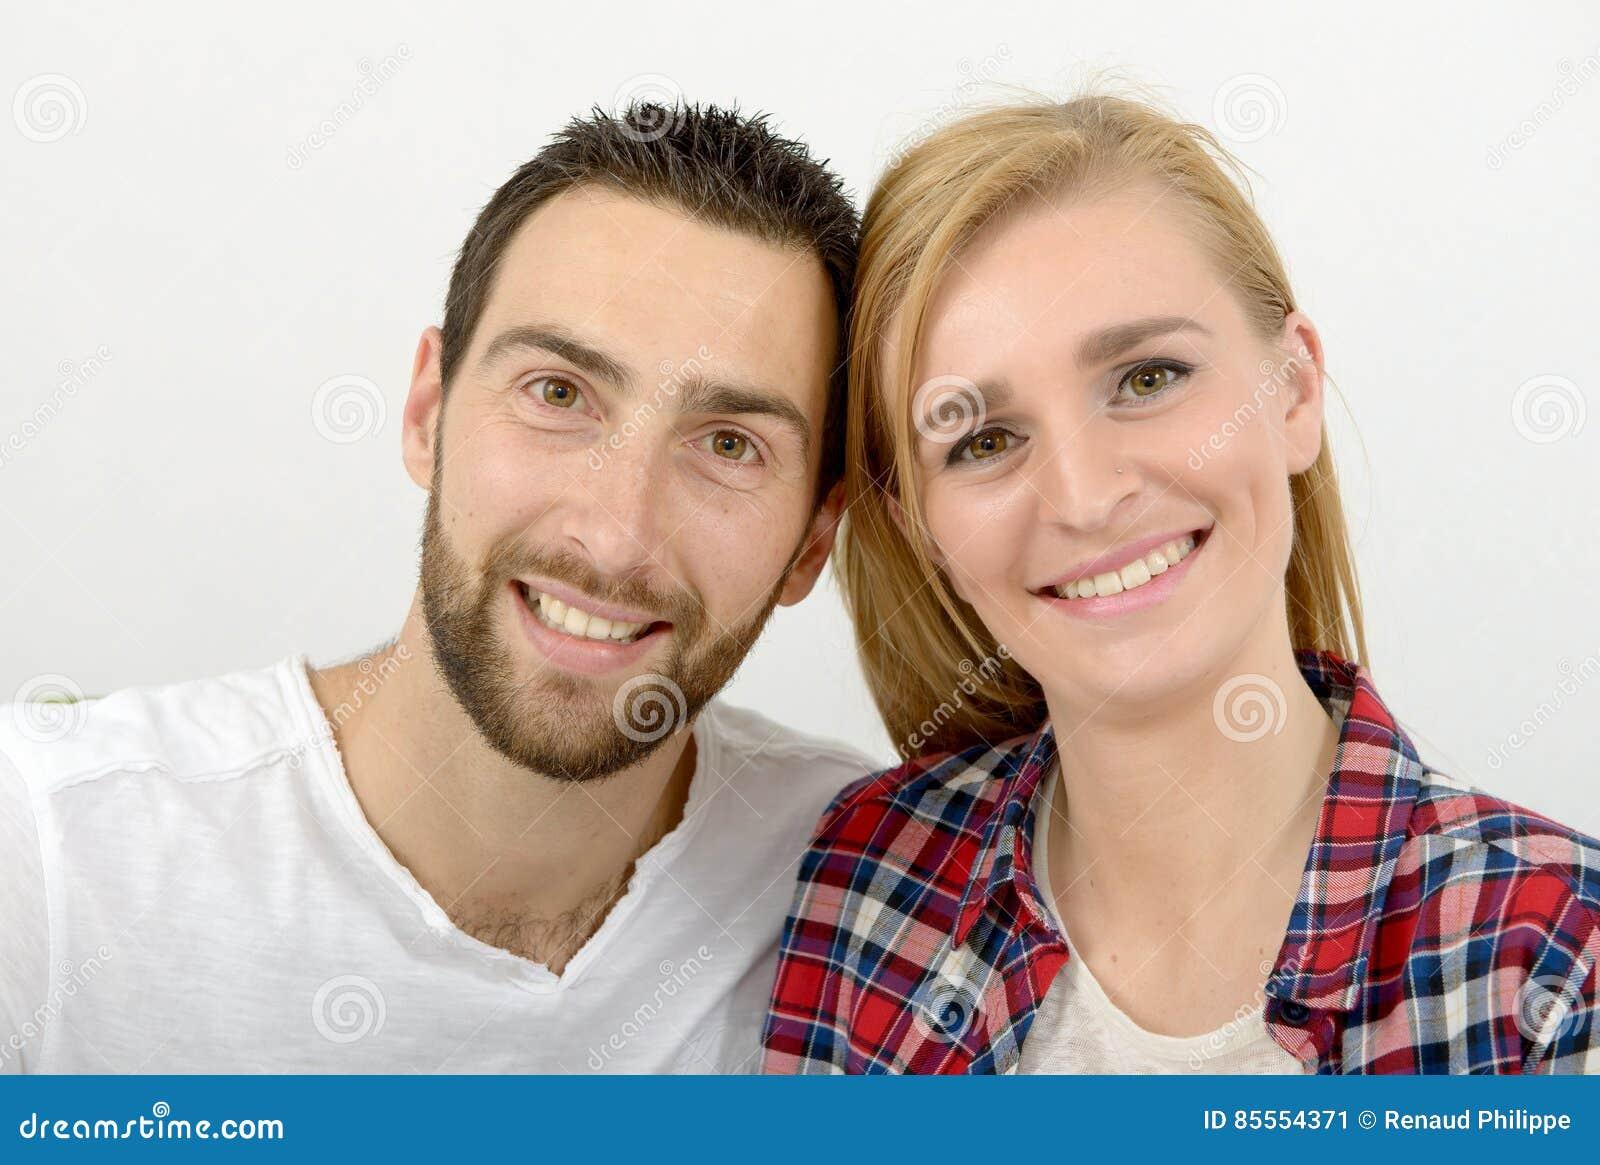 Portrait der glücklichen jungen Paare